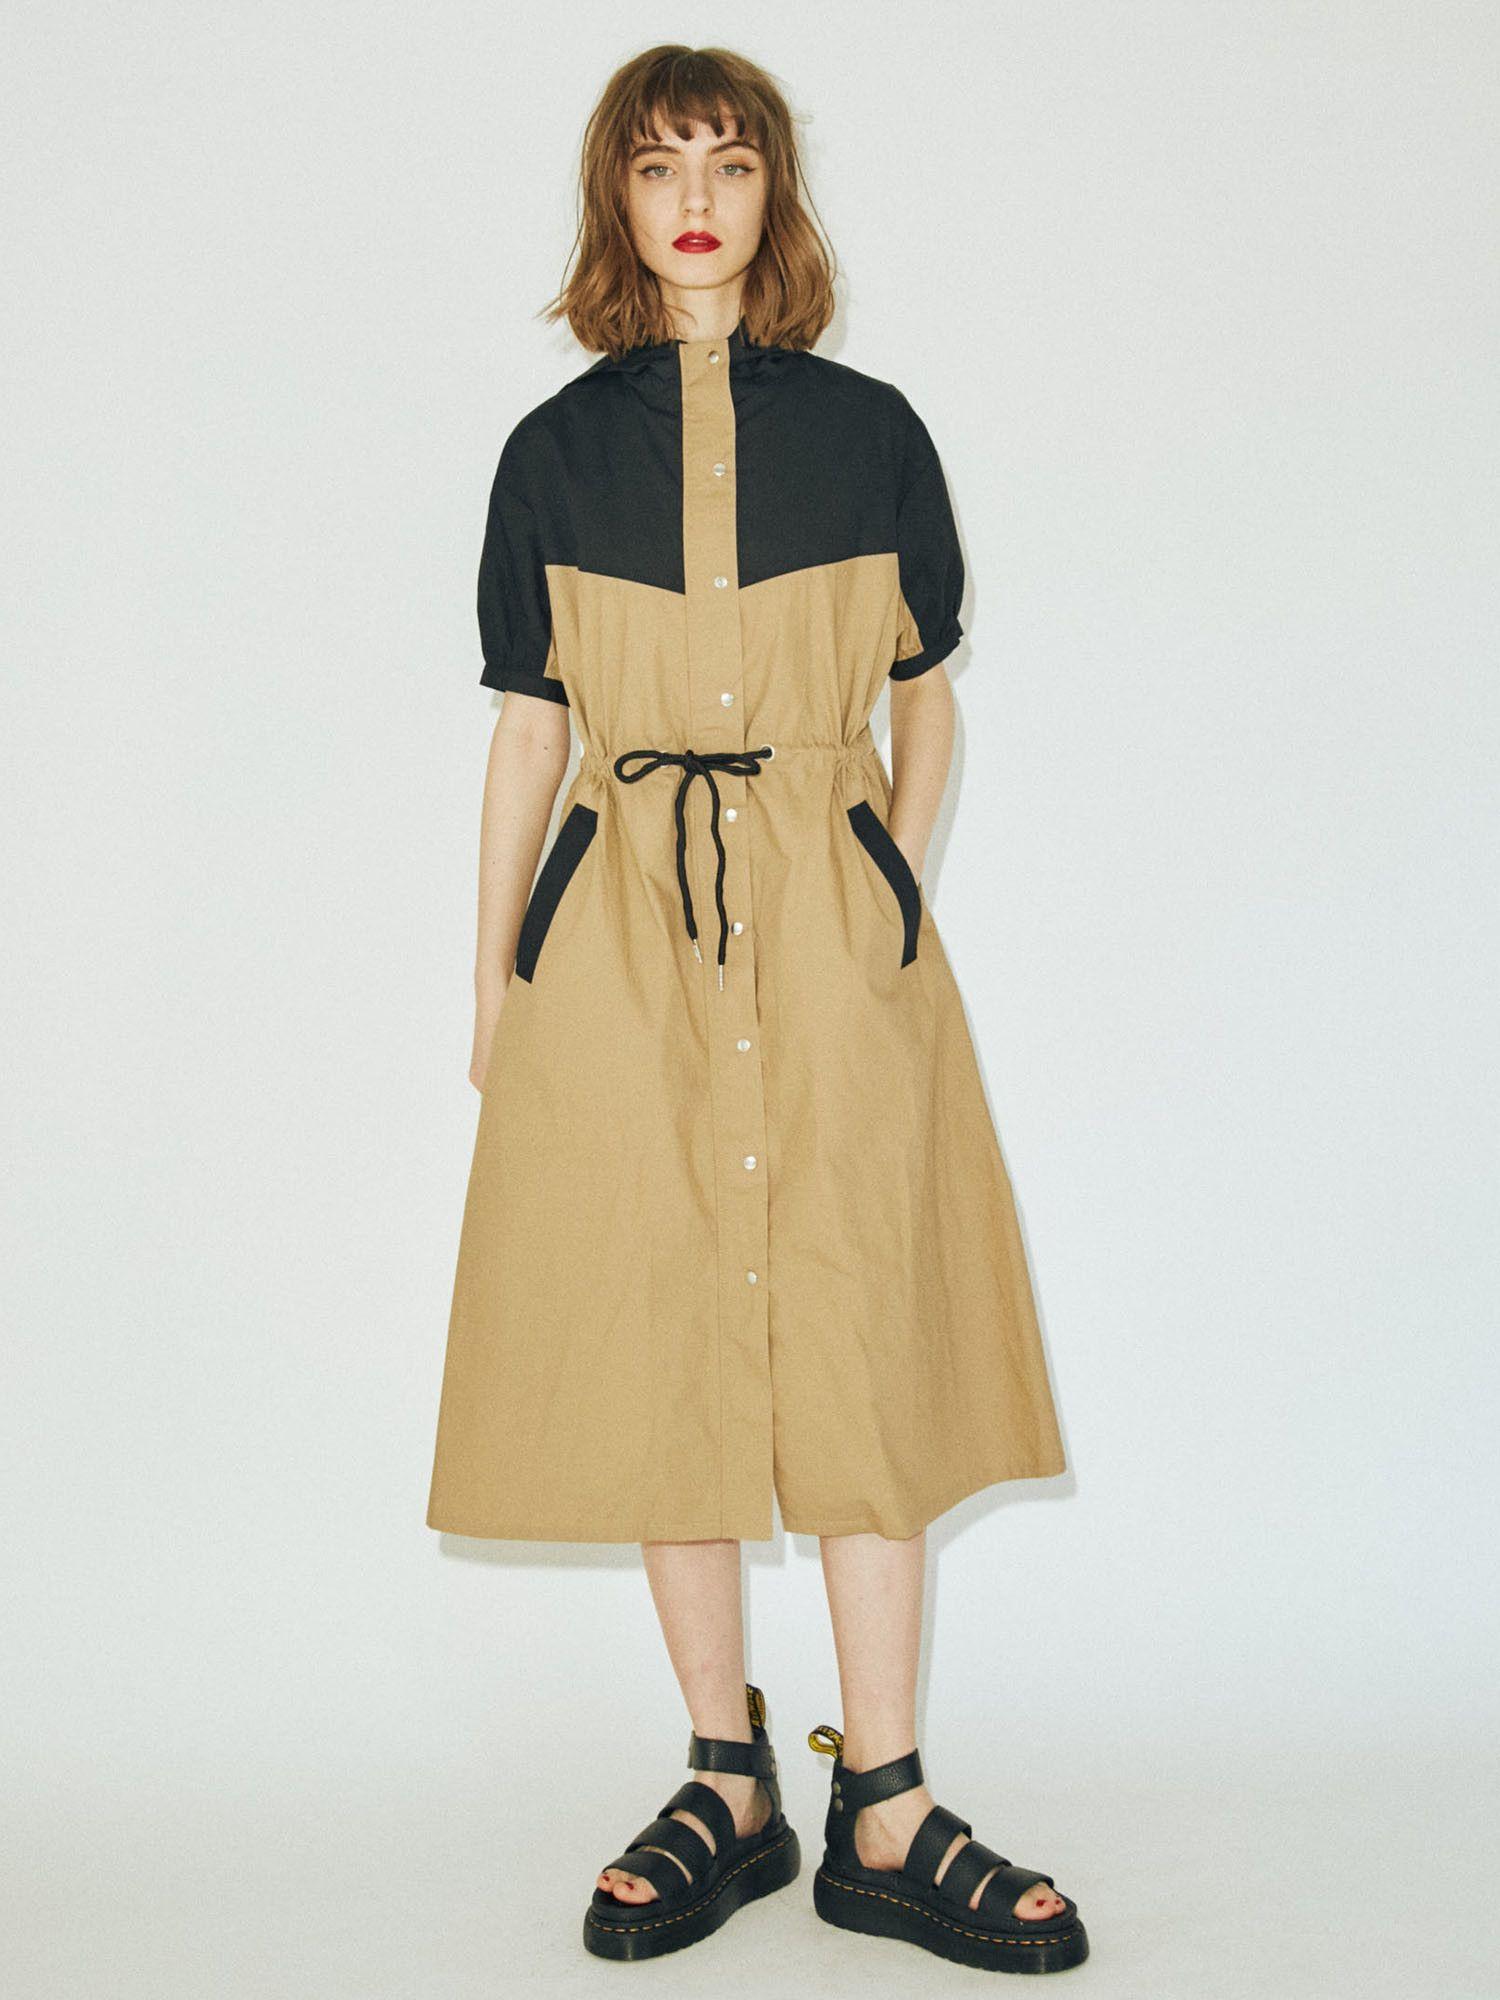 通過色半袖連衣裙